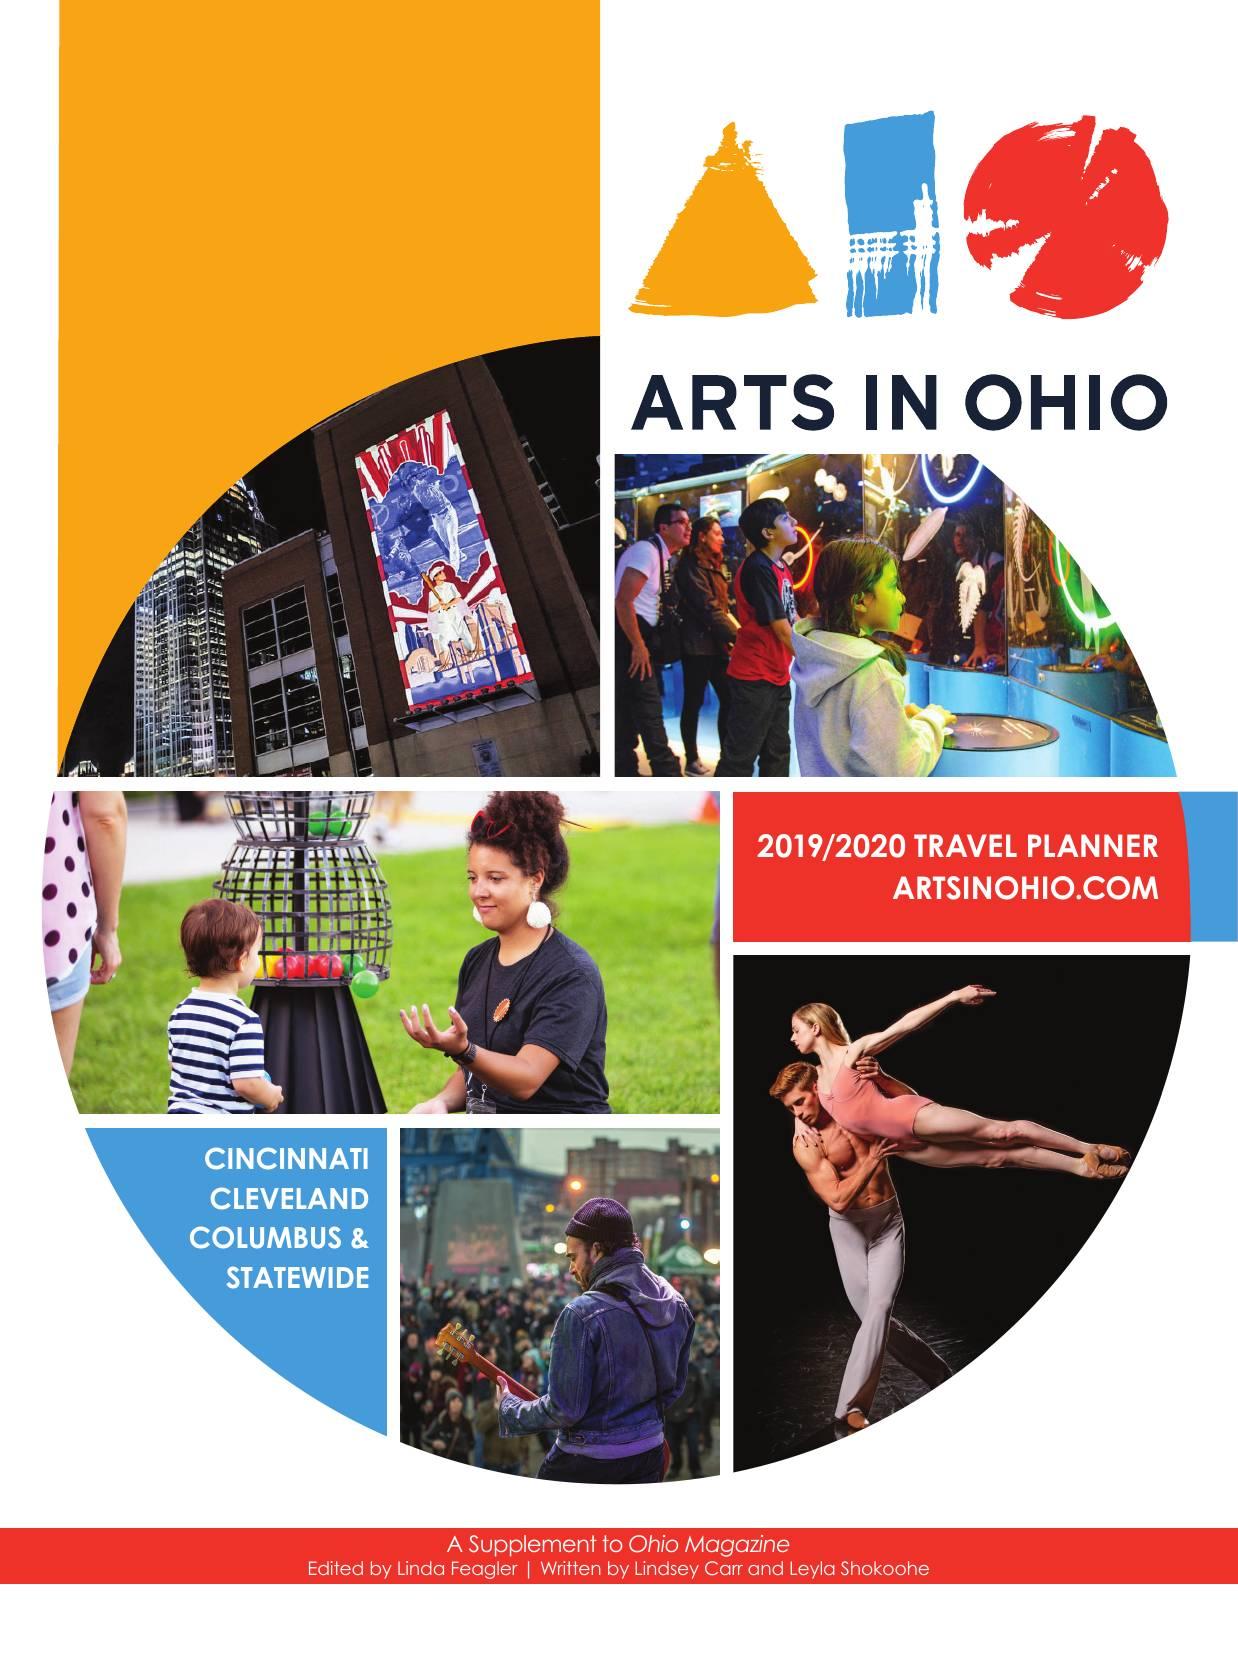 Arts In Ohio Guide cover